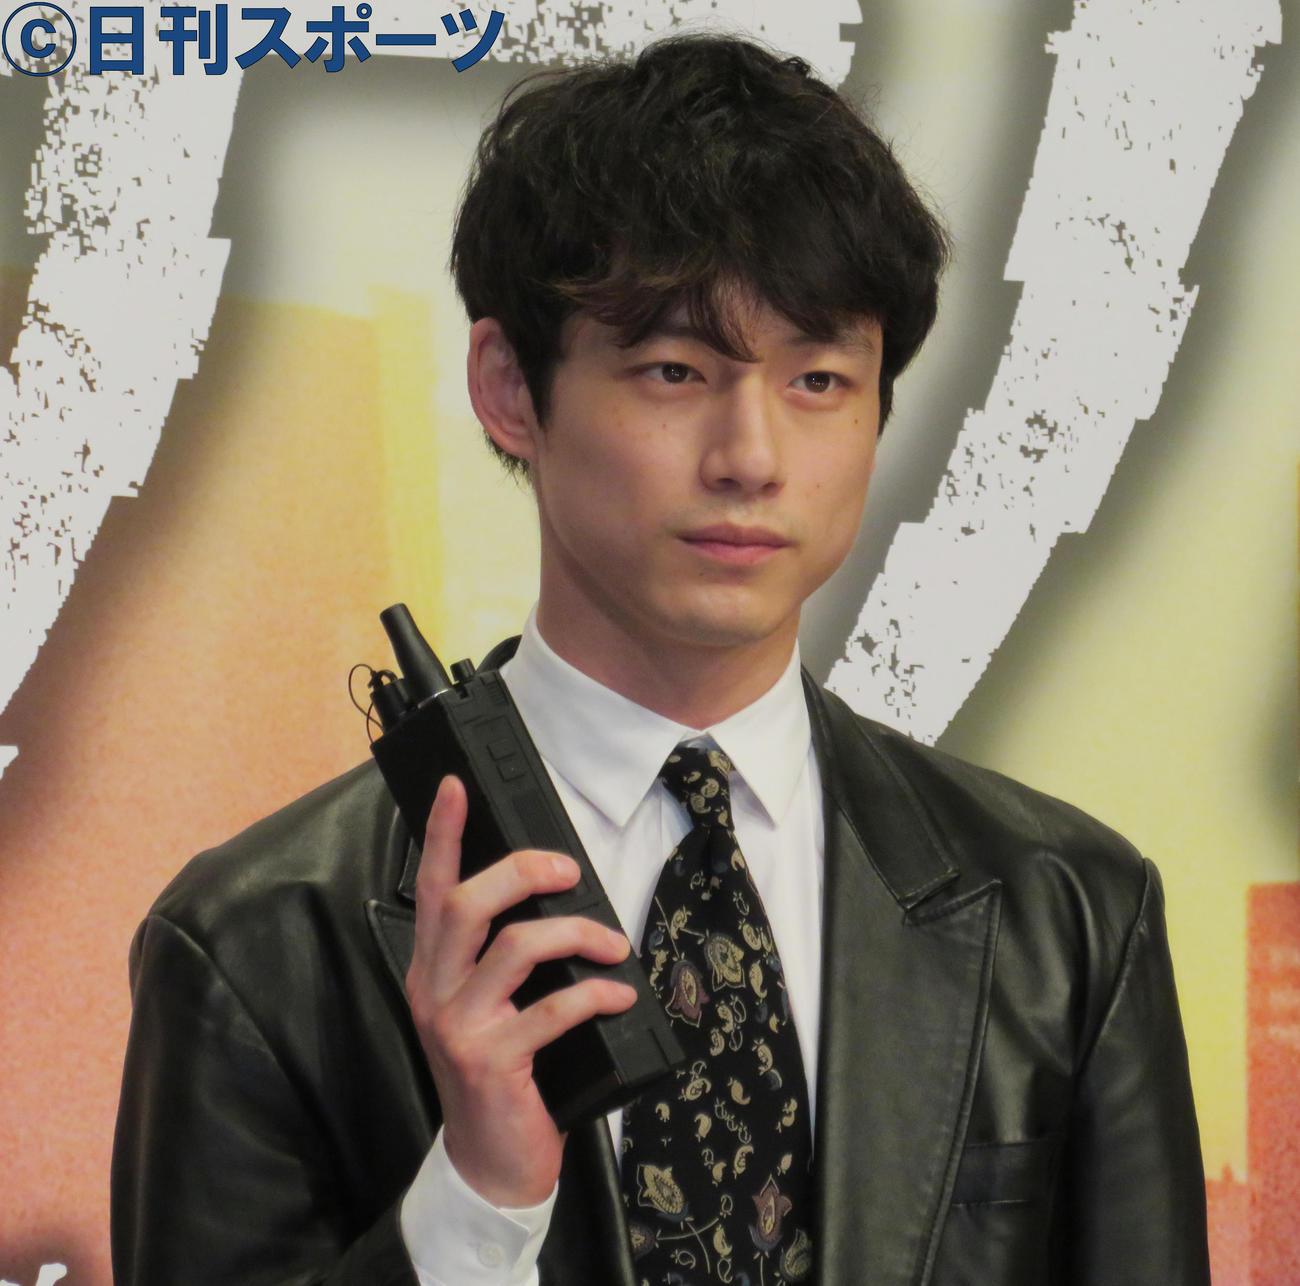 完成報告会に出席した坂口健太郎はトランシーバーを手にポーズをとる(撮影・佐藤勝亮)